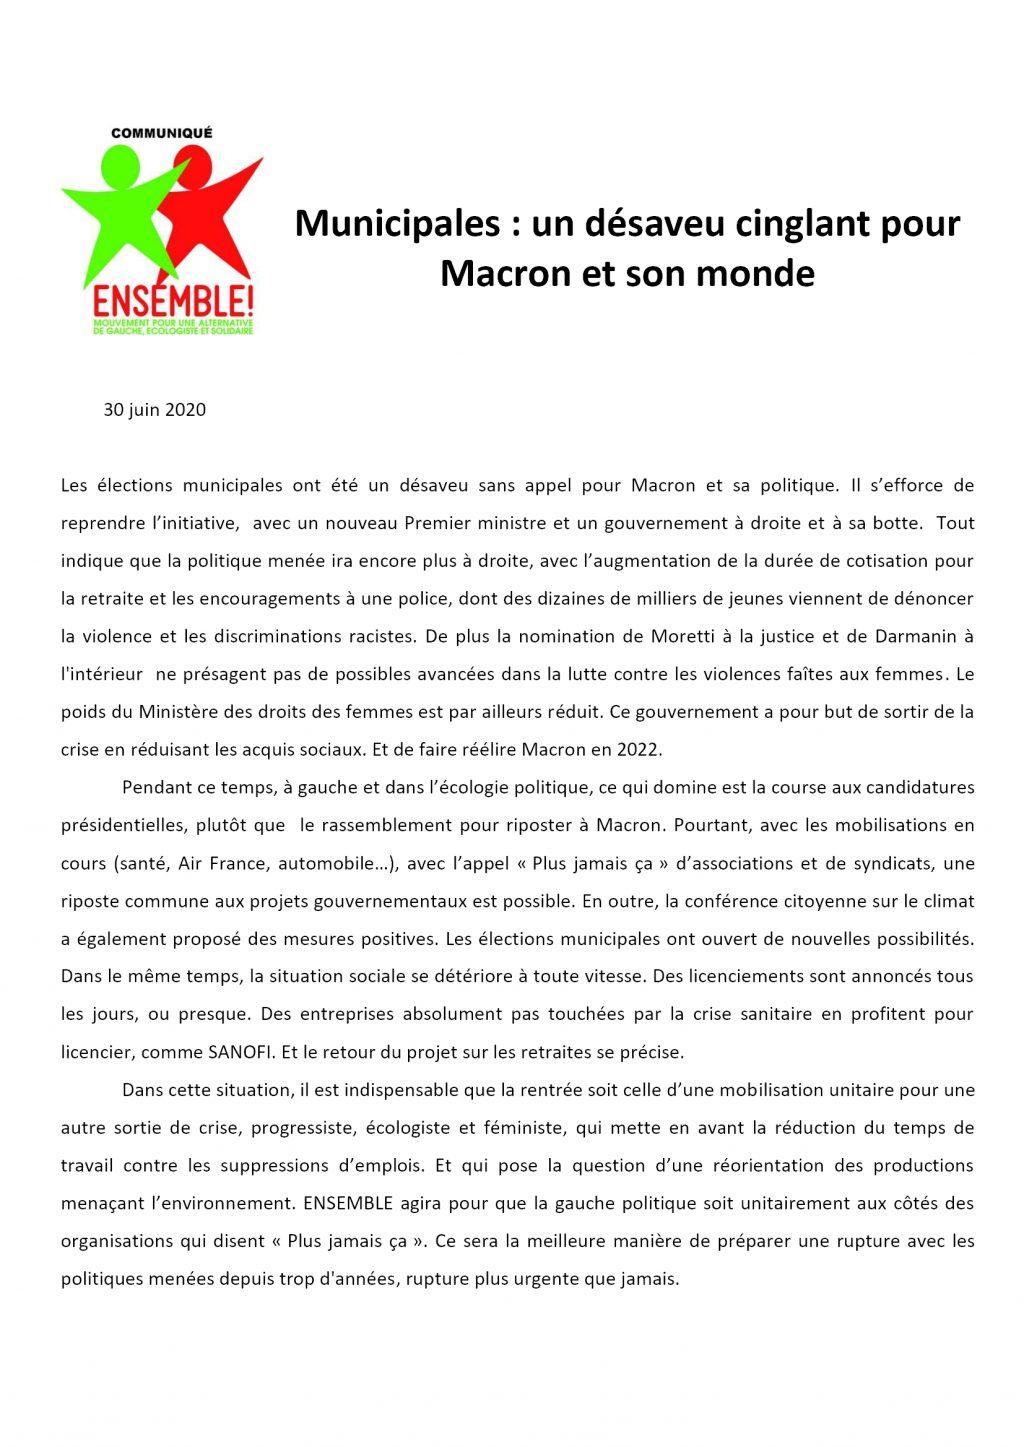 E! Communiqué 7 juillet Macron Castex